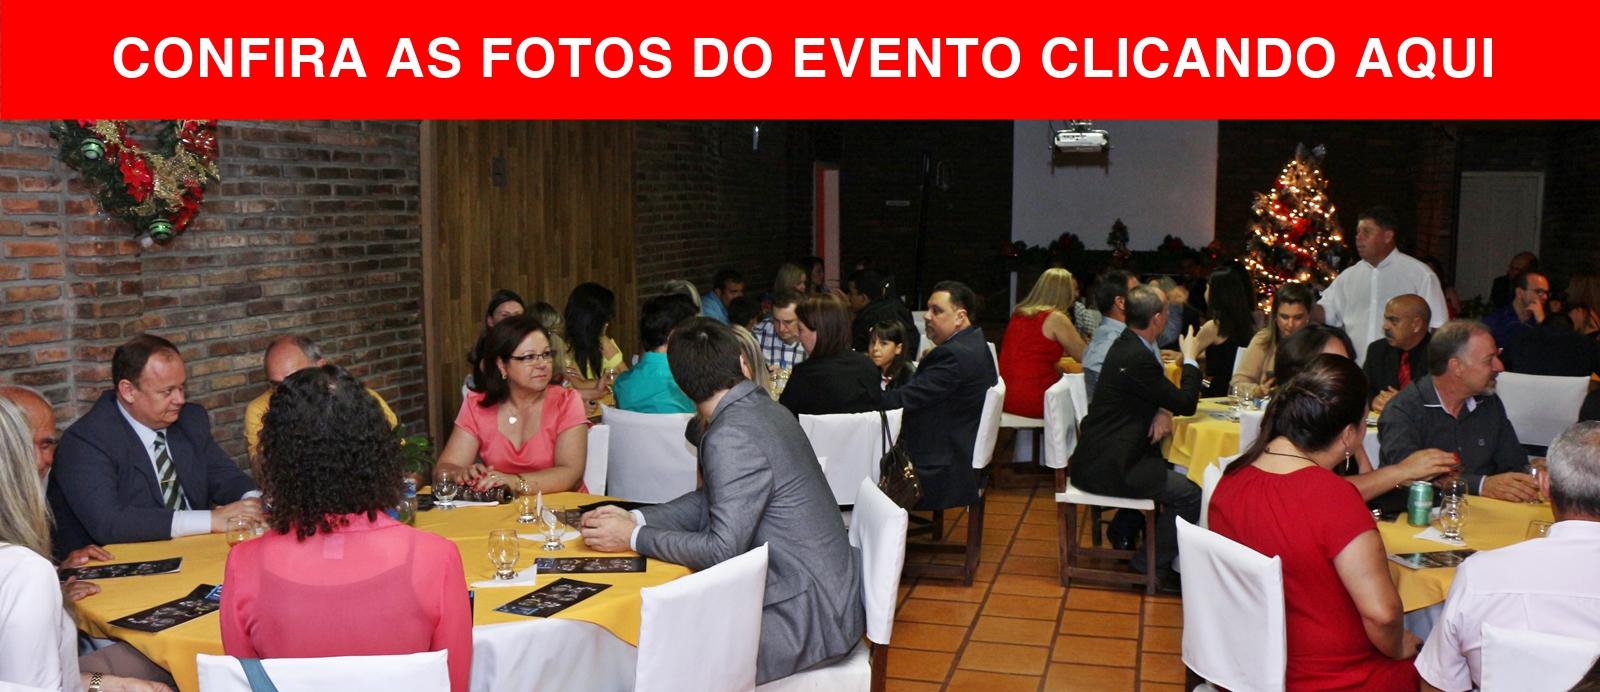 CLIQUE AQUI PARA CONFERIR AS FOTOS DO EVENTO